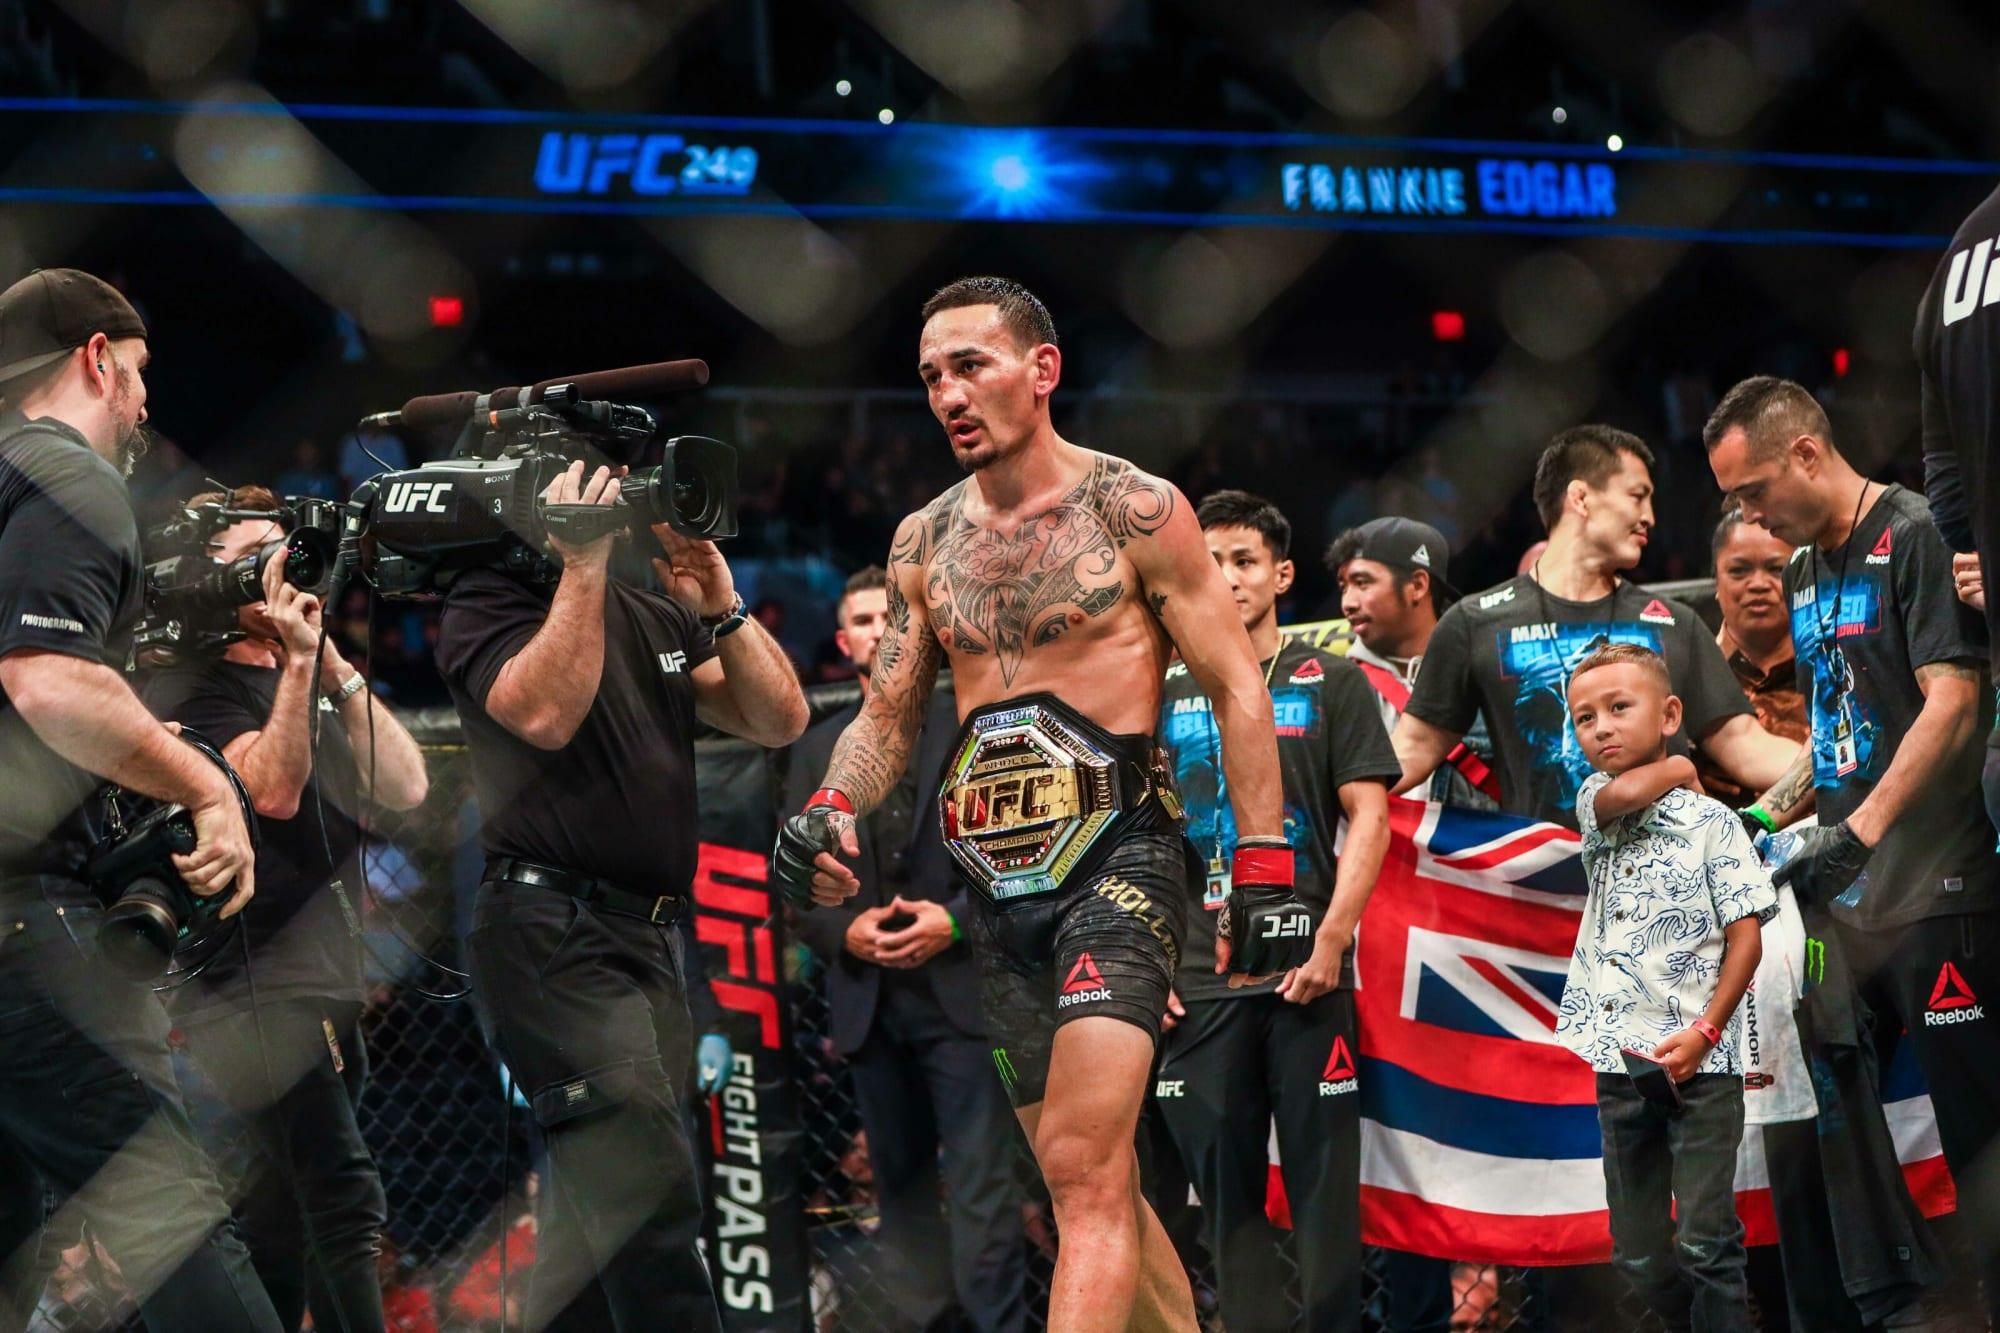 Clasificación de todos los campeones de peso pluma de UFC a lo largo de la historia